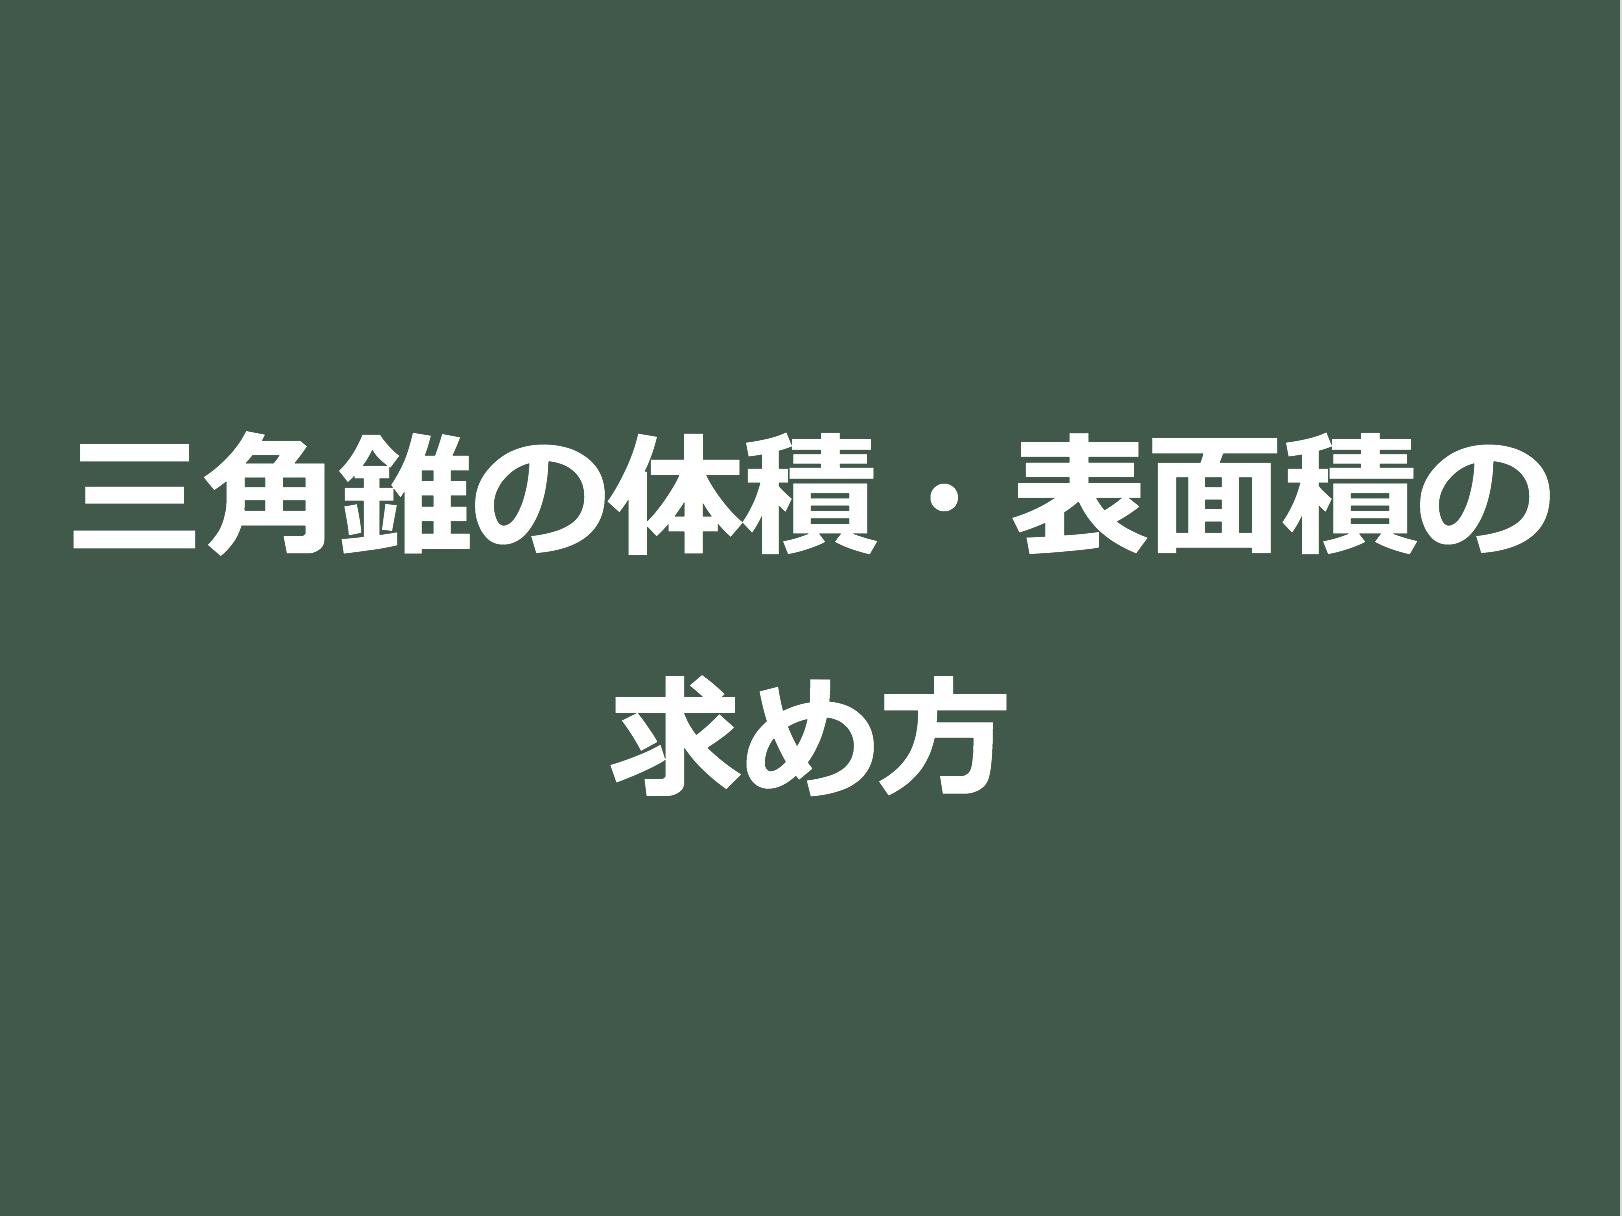 スクリーンショット 2017-06-17 15.05.25